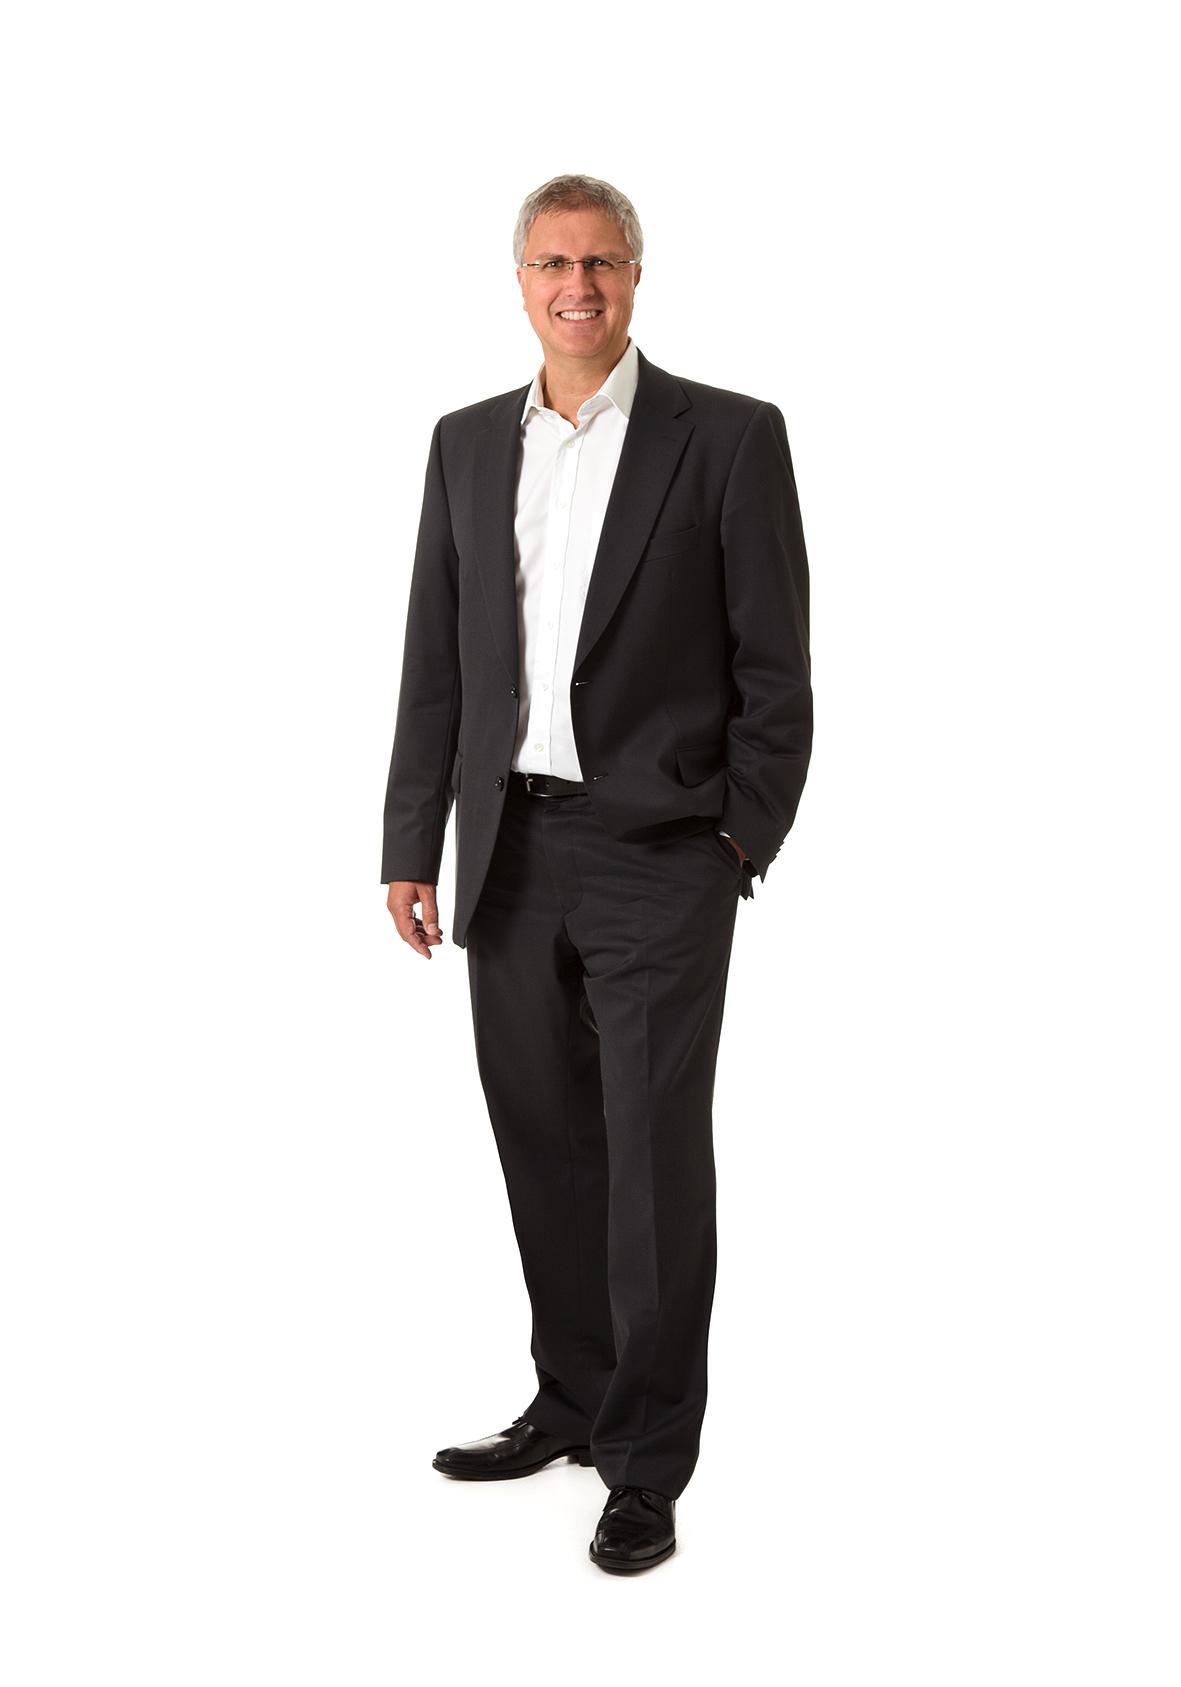 Volker Berghoff